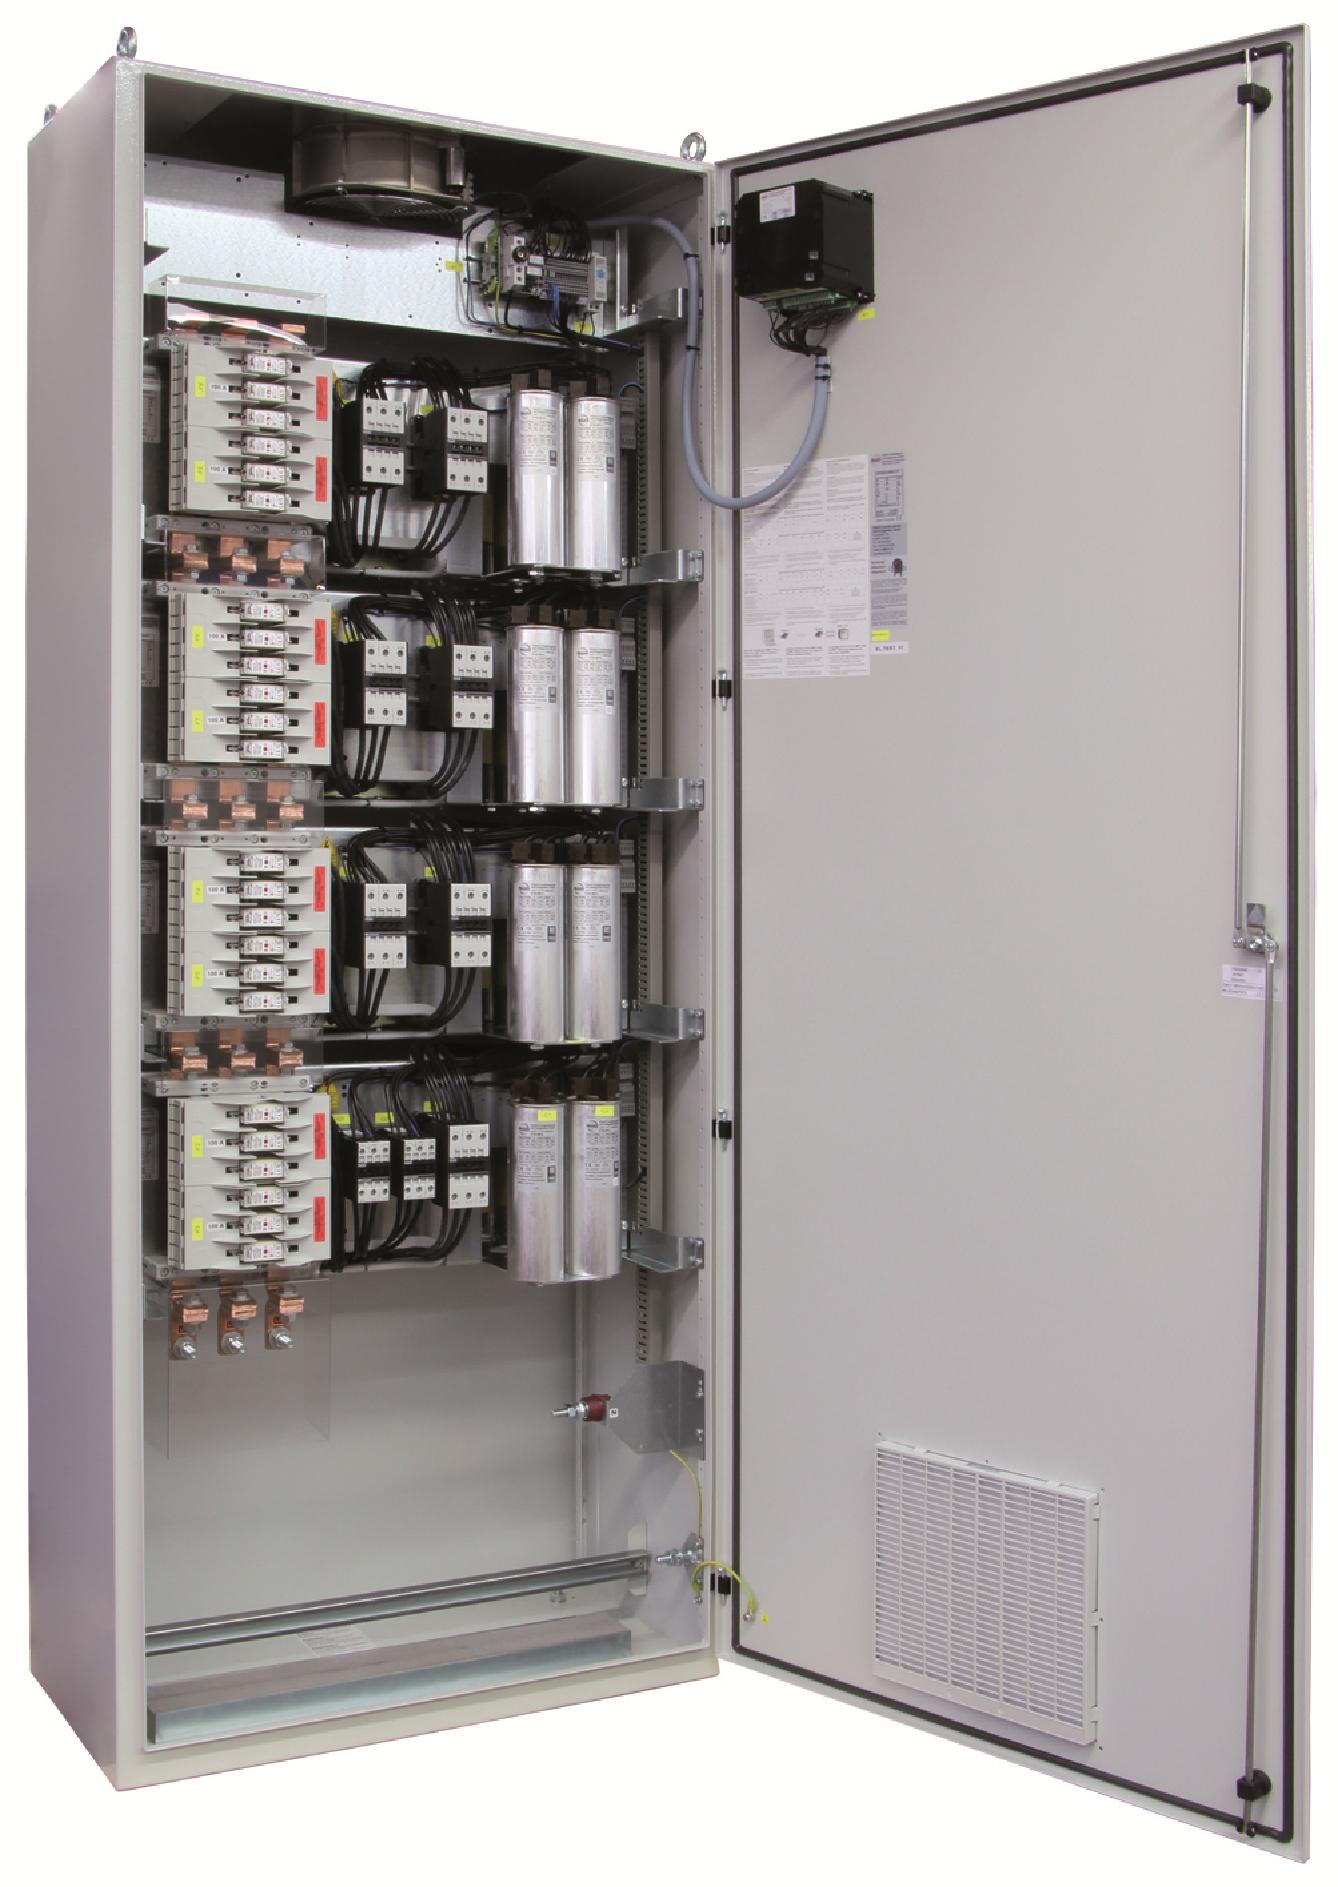 1 Stk Kompensation LSFC 14% 300/25kvar 800x2110x500mm FR3422642-